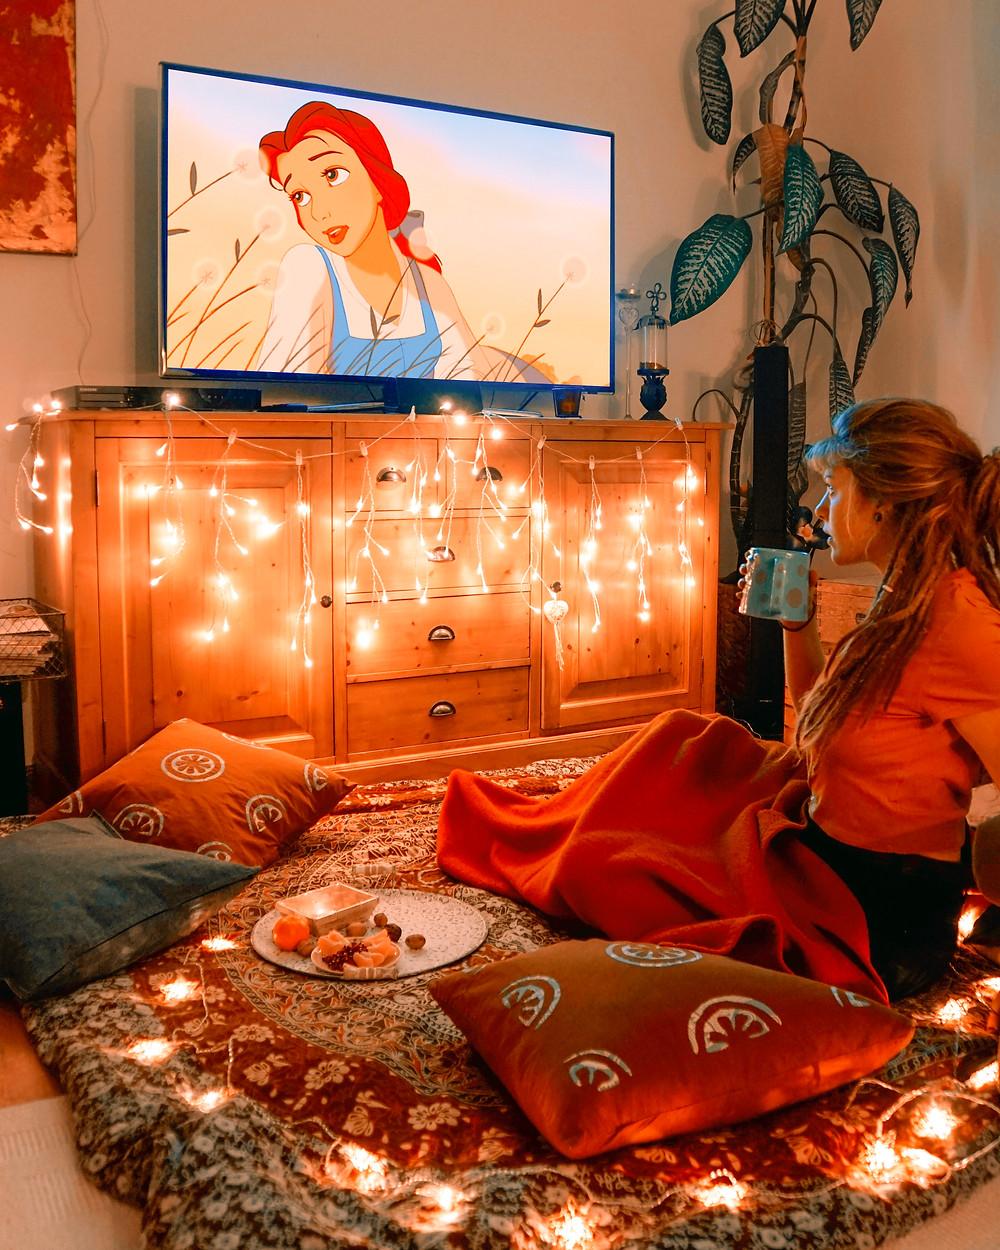 Hannah wie sie sich im Fernsehen einen Film ansieht. Im Hintergrund sieht man Lichterketten und es ist eine weihnachtliche, kuschelige Stimmung.